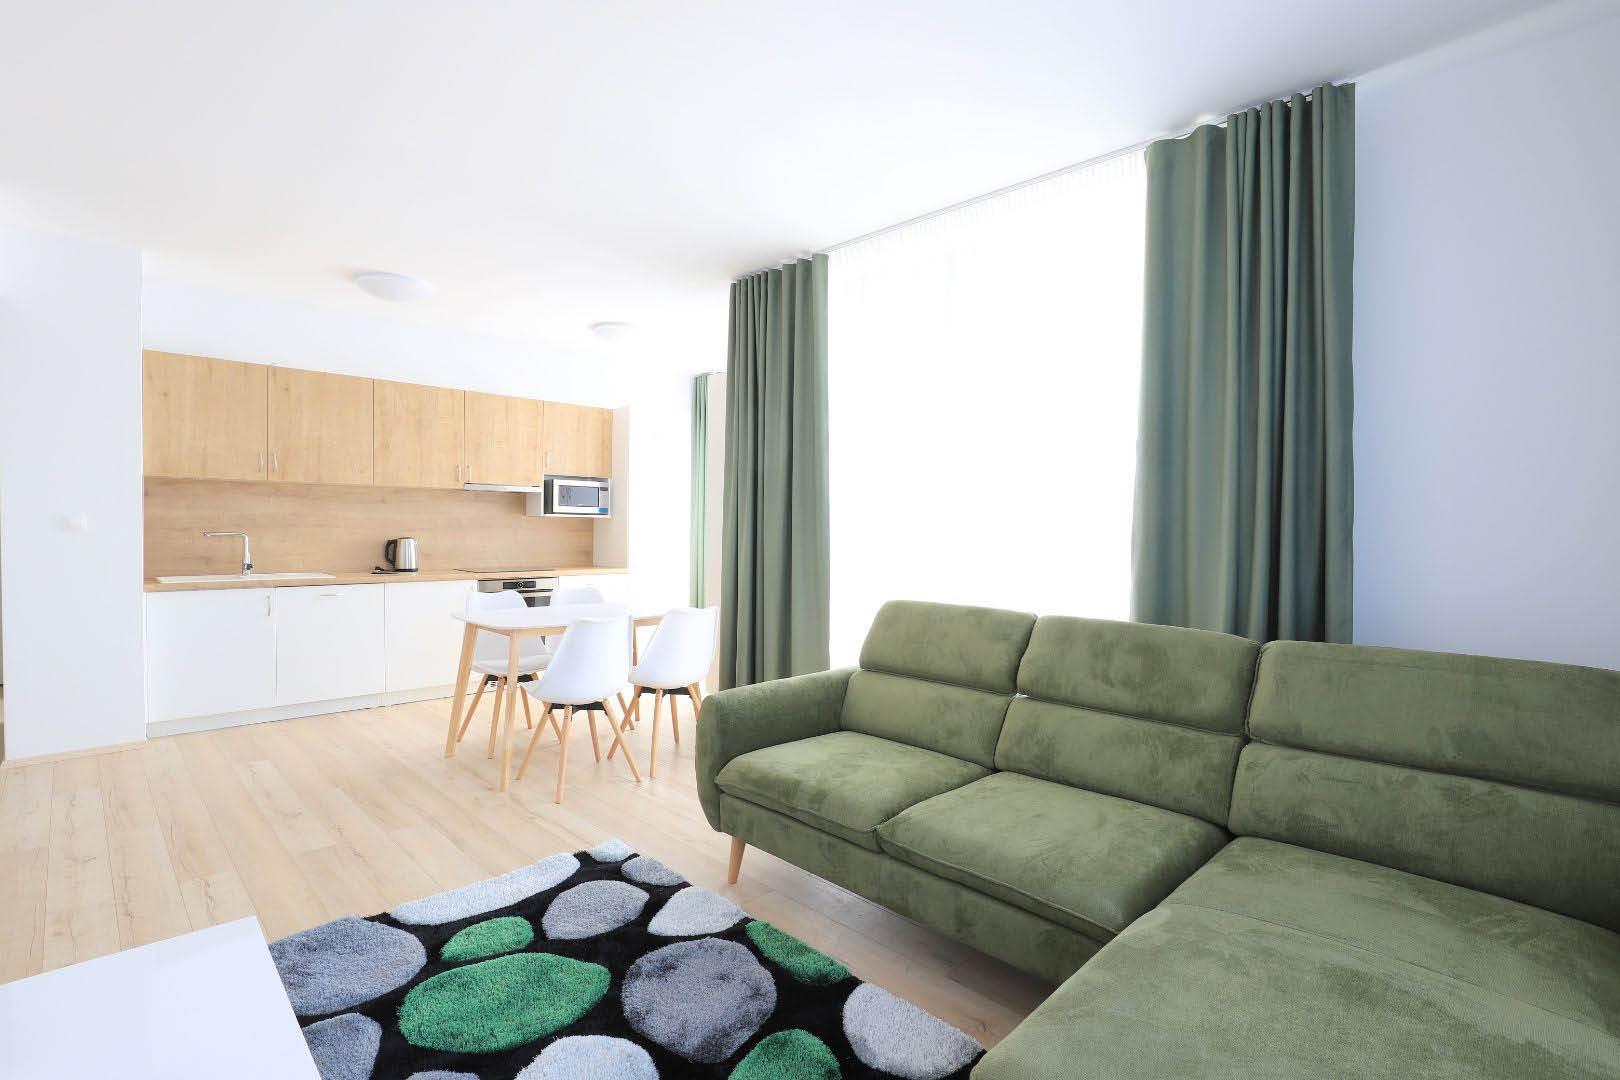 PRENAJATÉ | 2 izbový byt | Jarabinkova, Bratislava